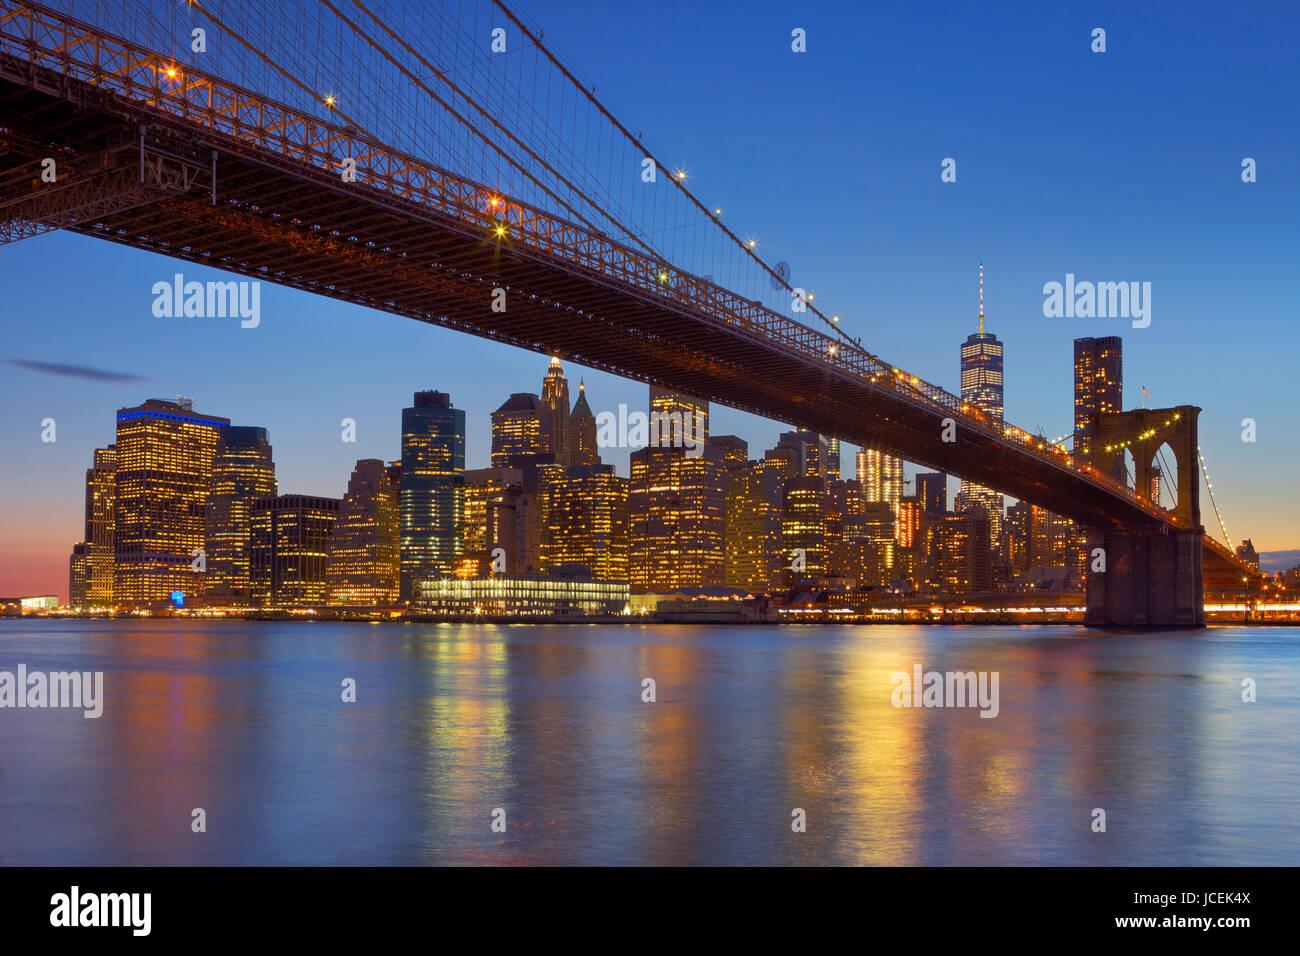 Puente de Brooklyn con la Ciudad de Nueva York, en el fondo, fotografiado al atardecer. Imagen De Stock